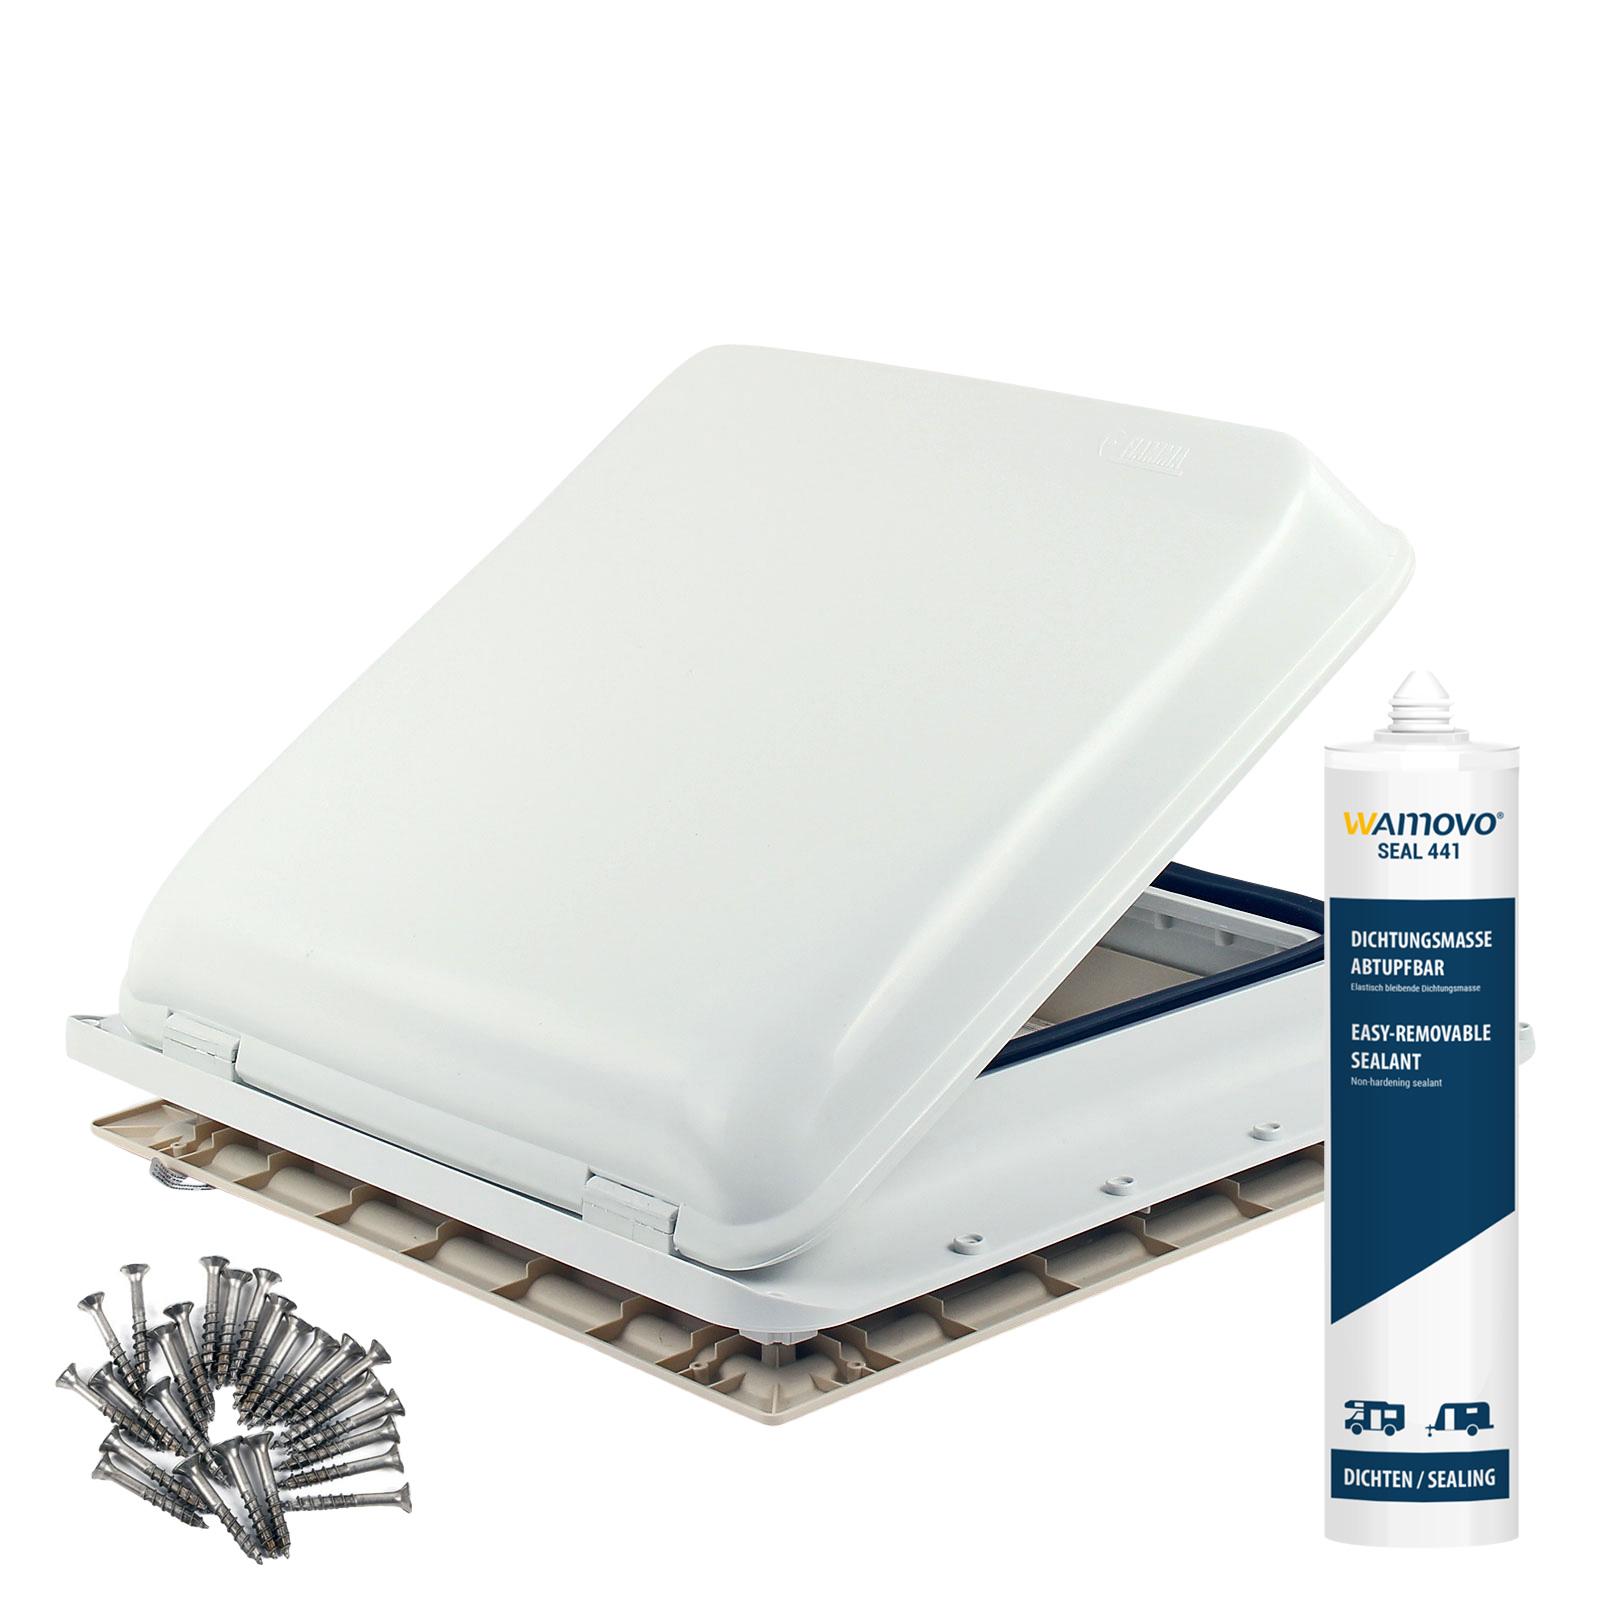 Dachfenster Fiamma Vent 40x40 cm Weiß + Dichmittel + Schrauben